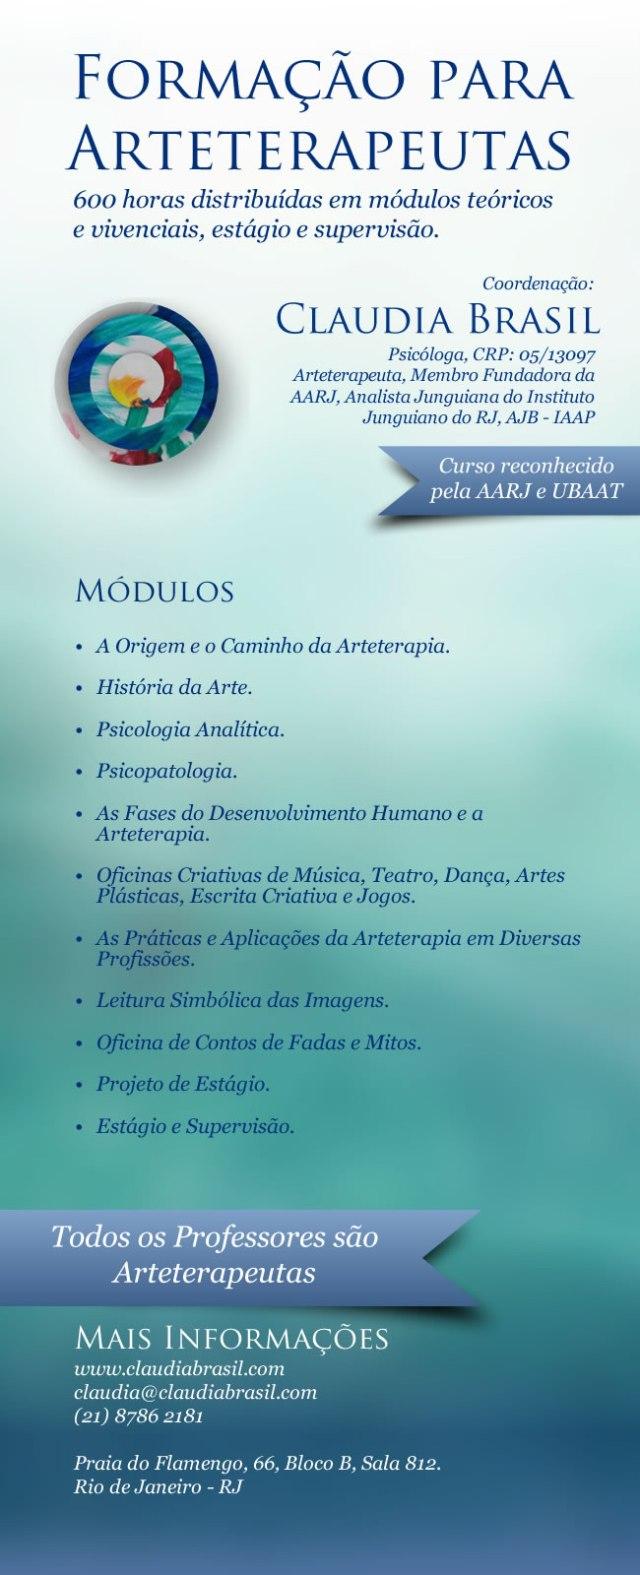 flyer_novo_claudia